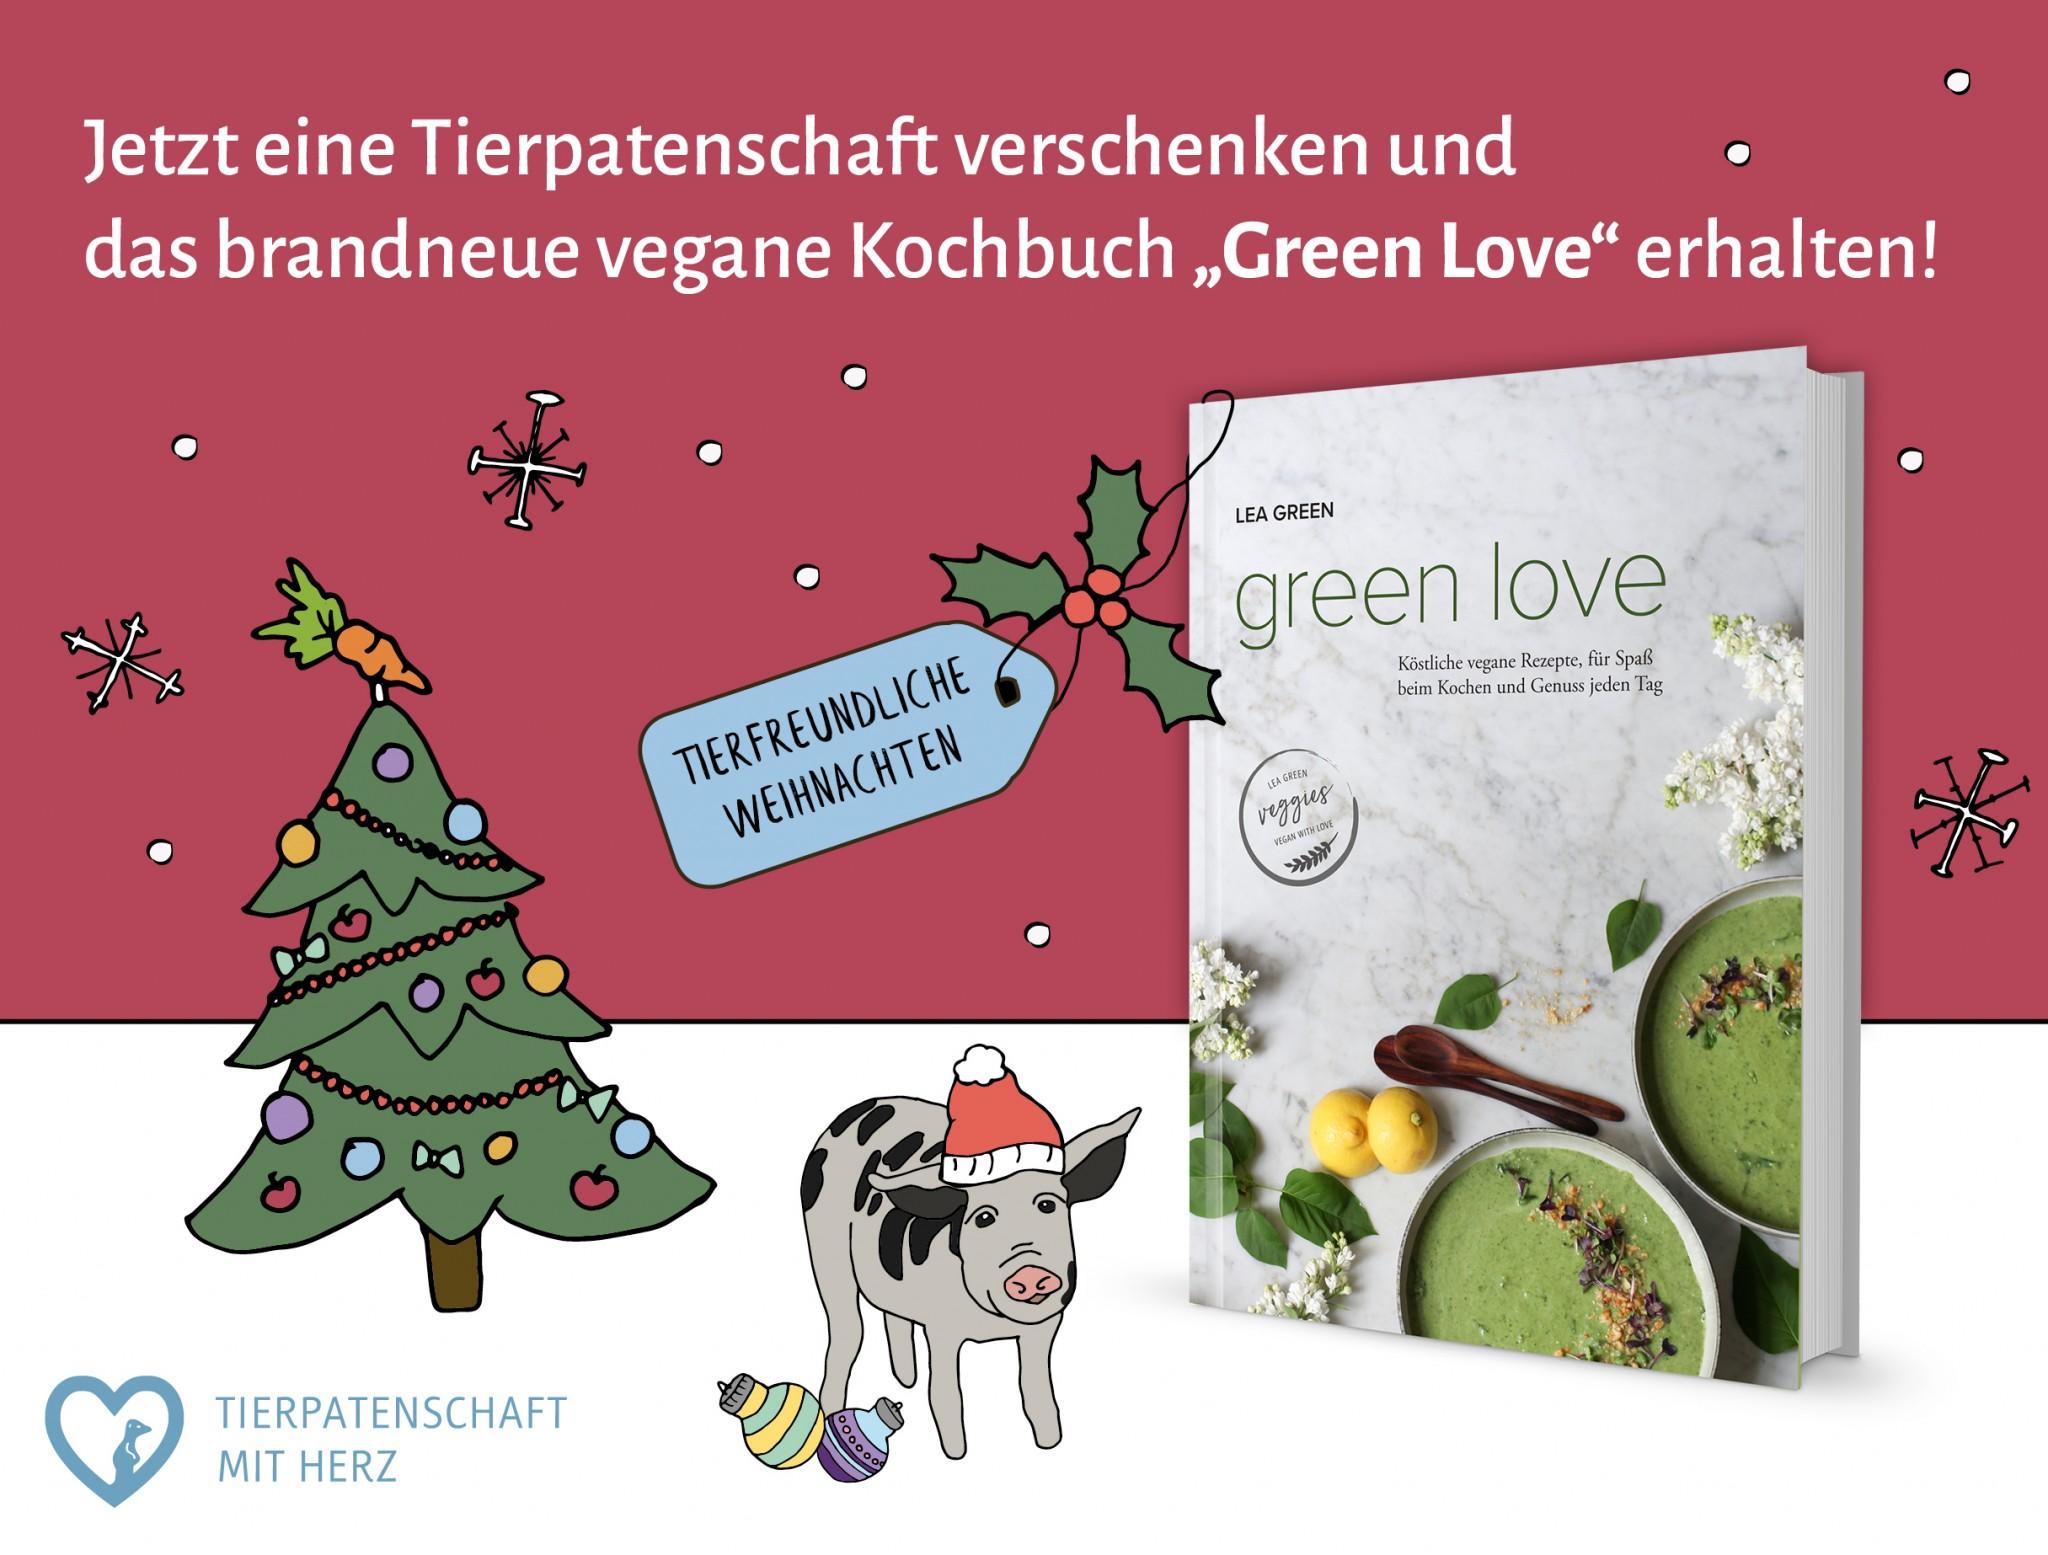 Zu Weihnachten Tierliebe verschenken! - Tierpatenschaft mit Herz